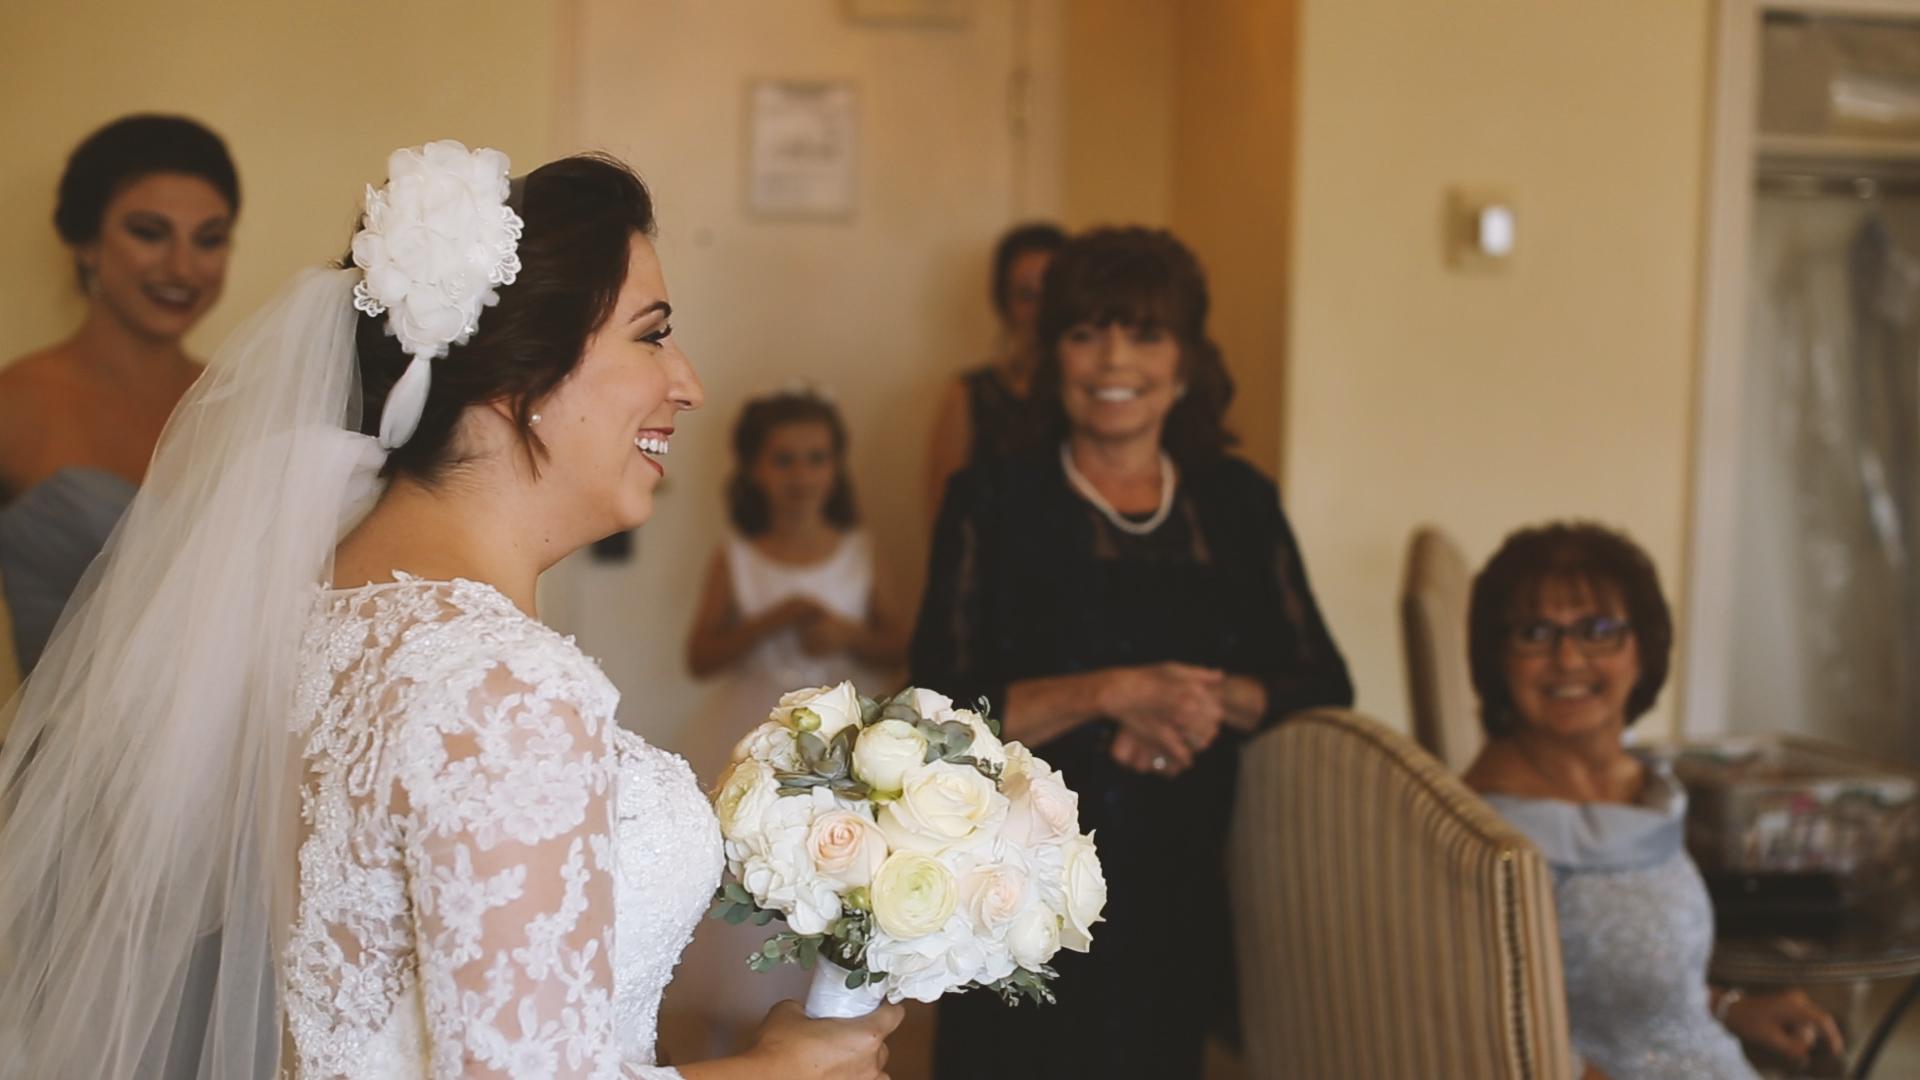 Wedding - Bride Film